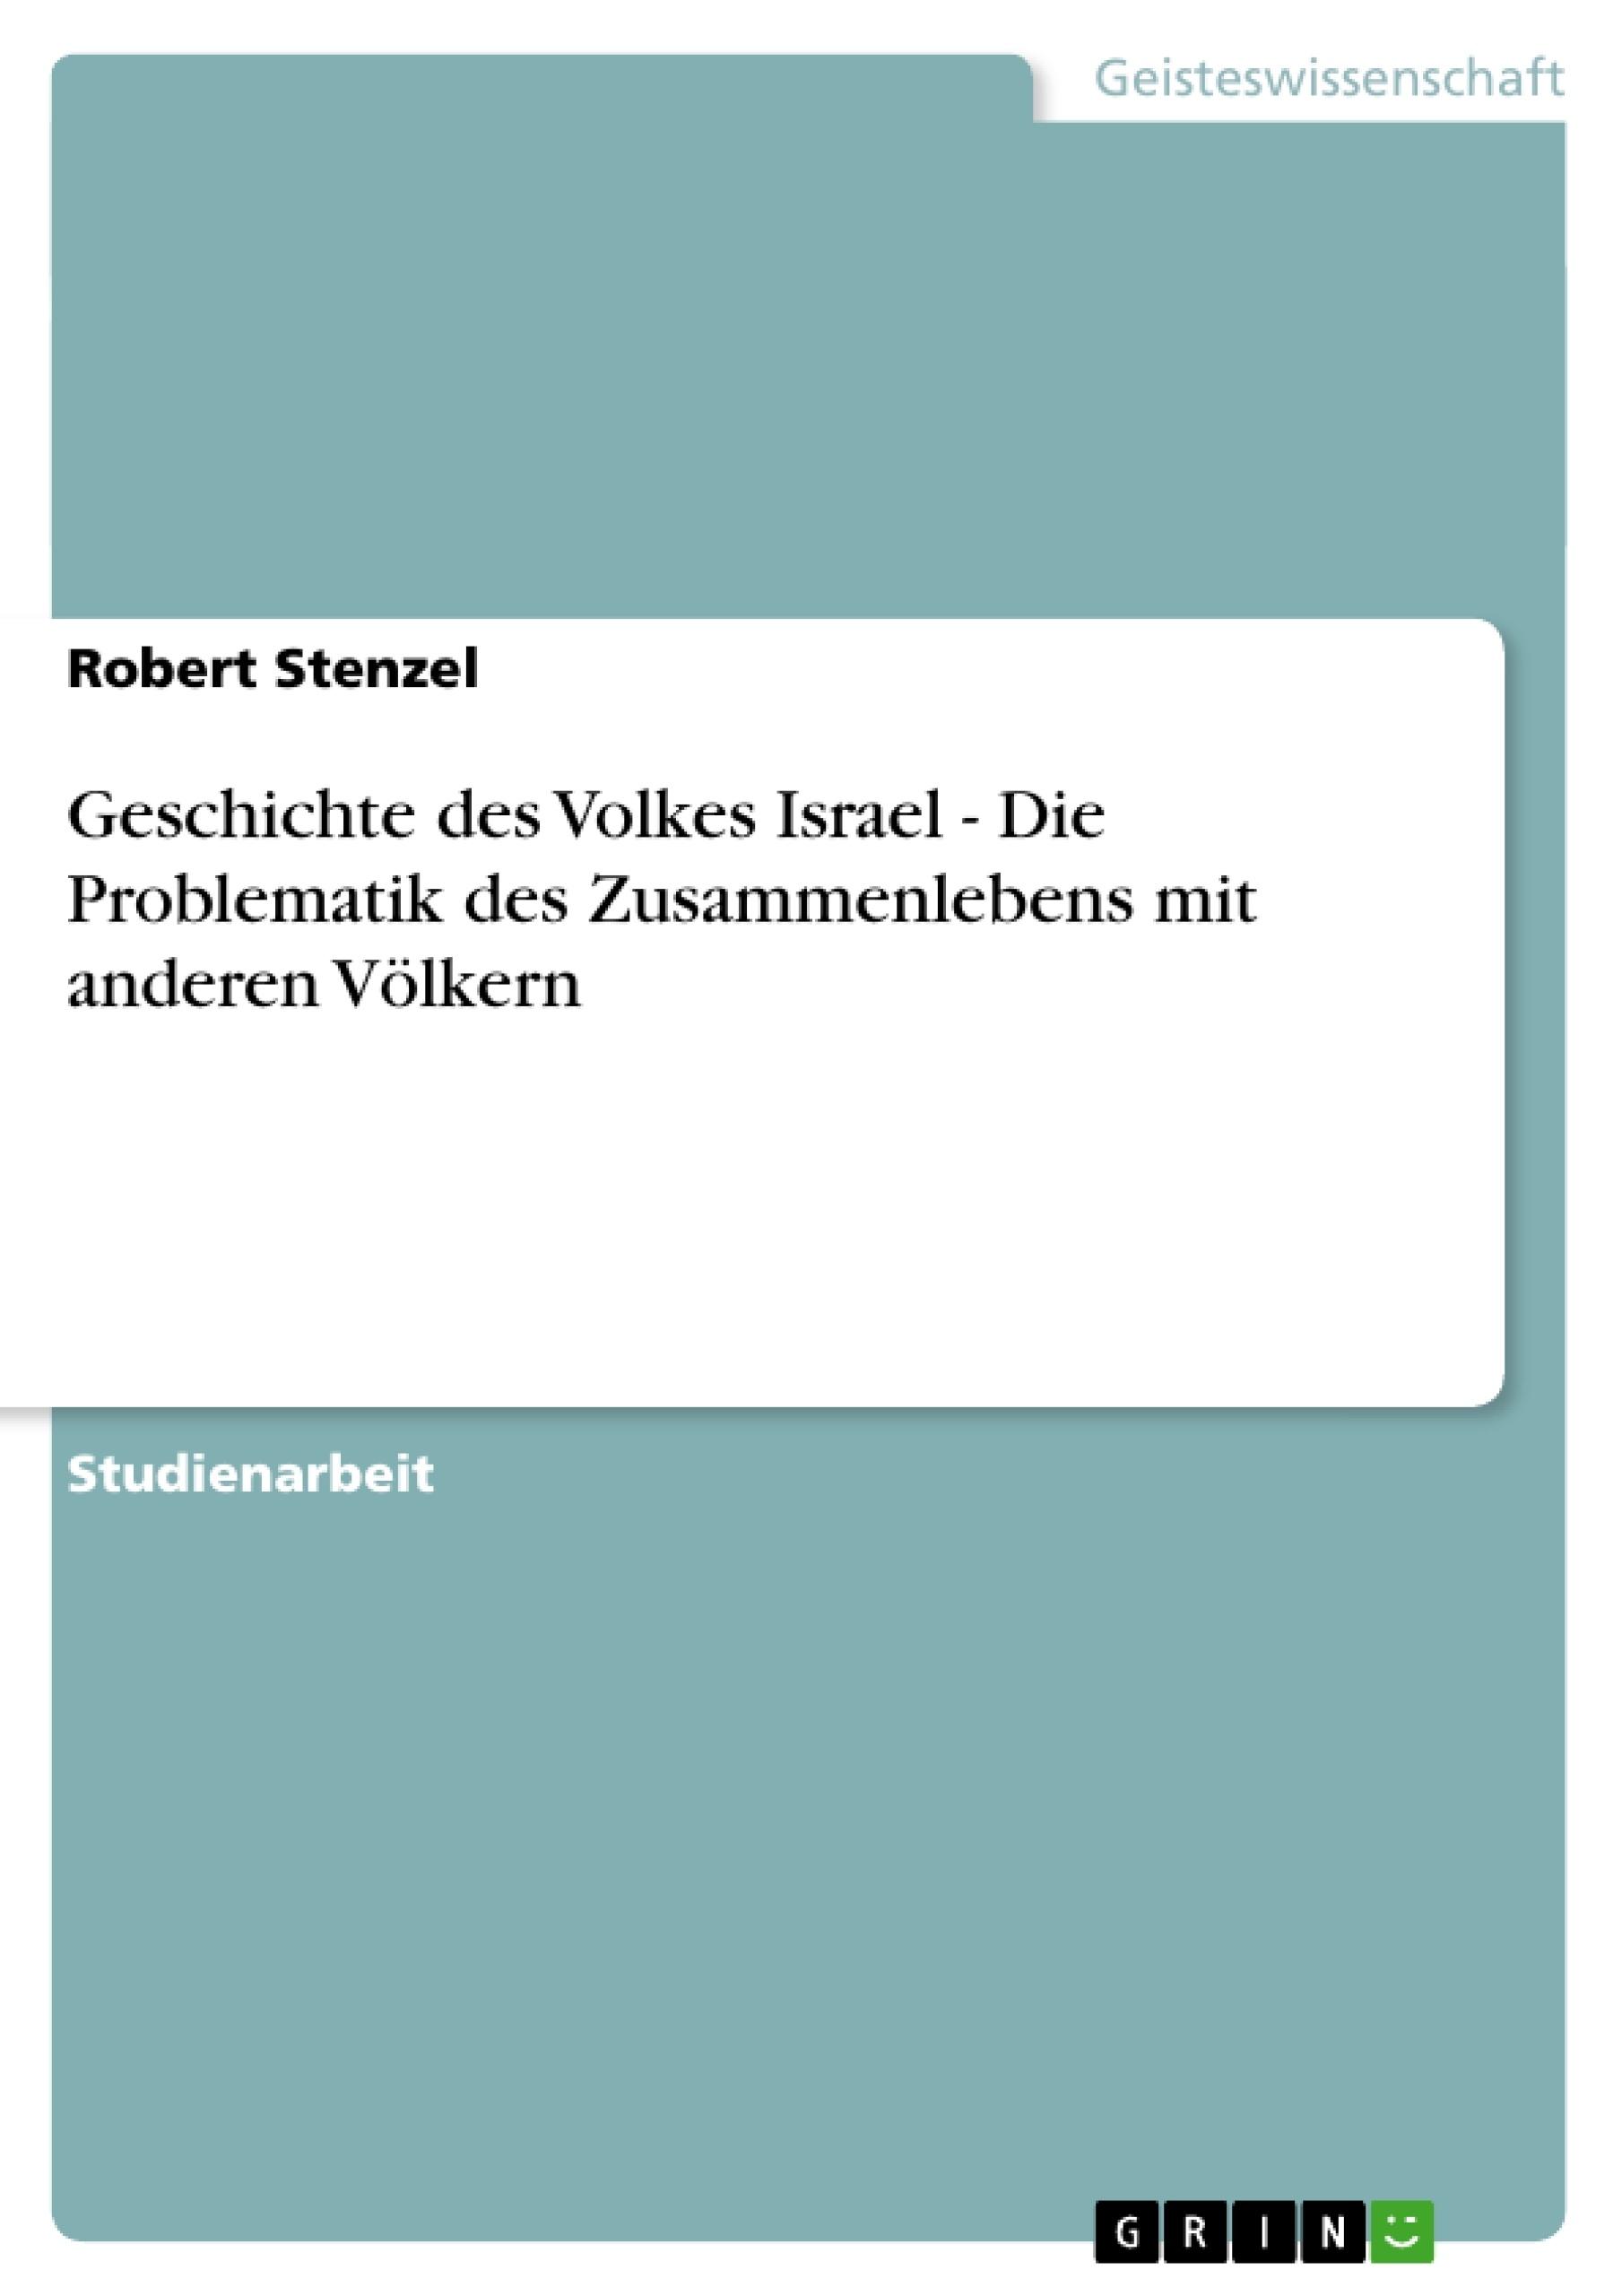 Titel: Geschichte des Volkes Israel - Die Problematik des Zusammenlebens mit anderen Völkern